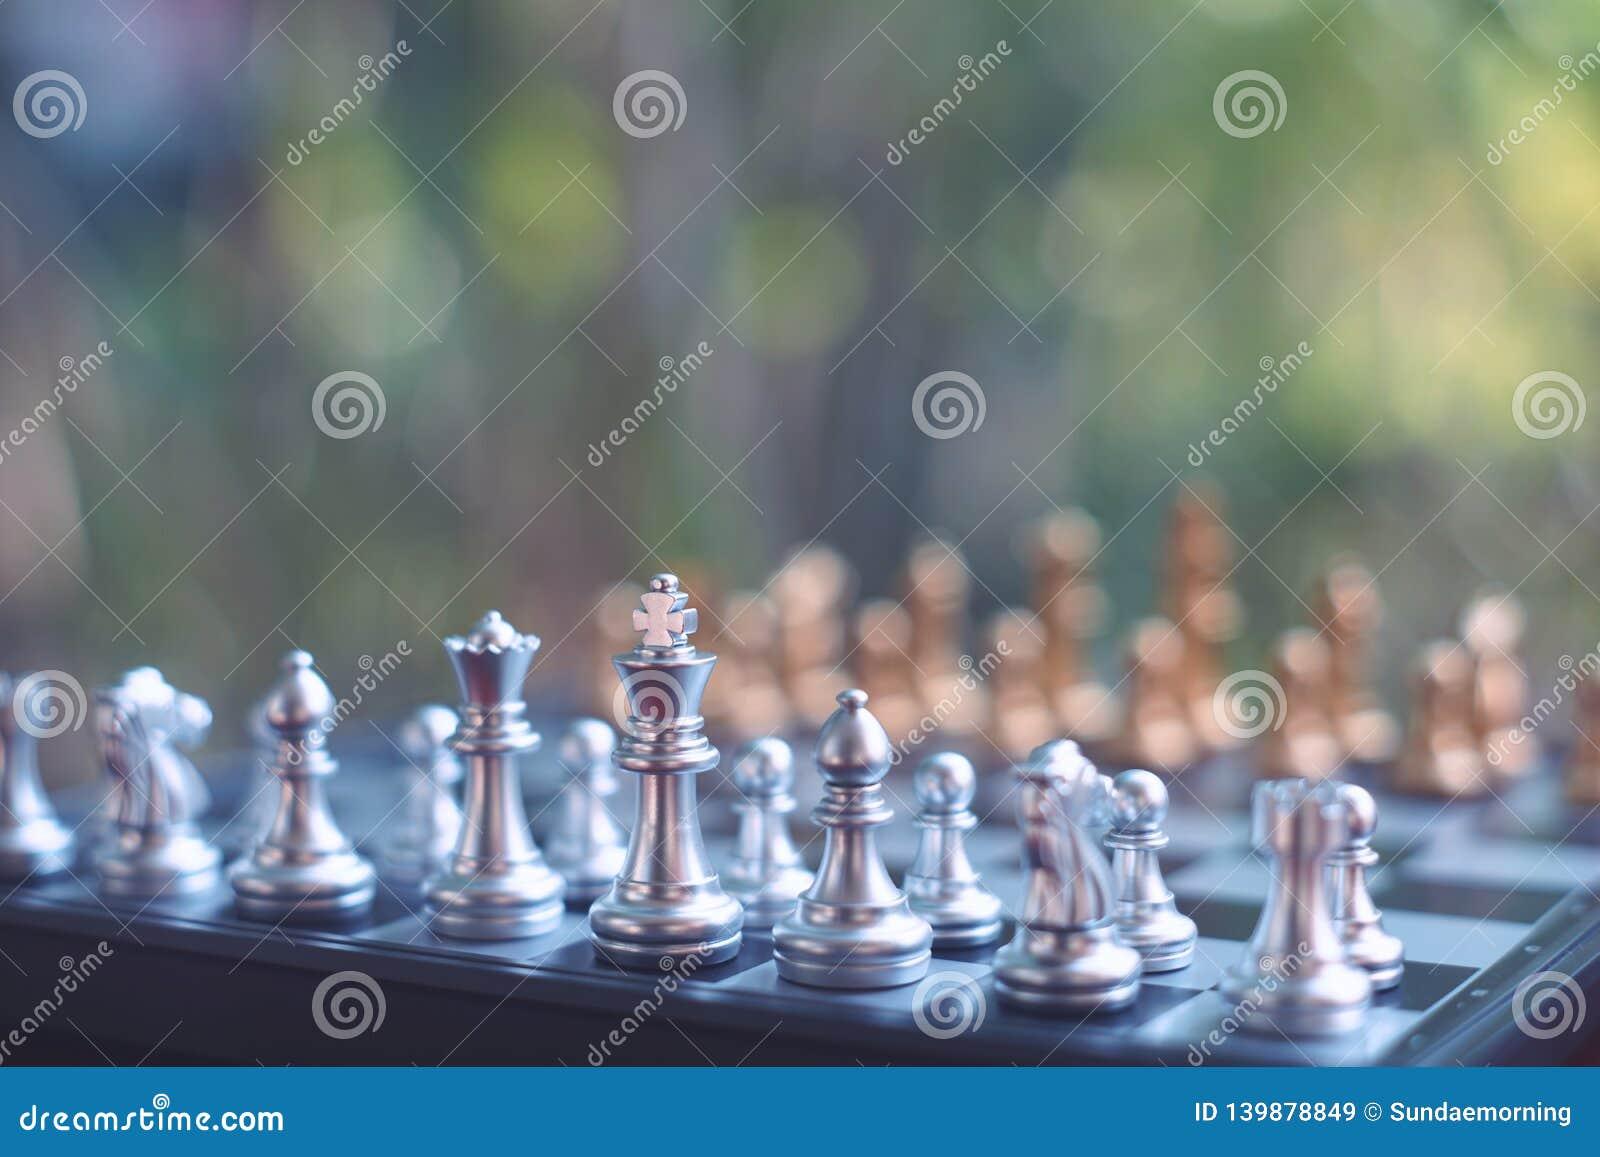 Schackbrädelek, vinnare som segrar läget, allvarlig fiende för möte, konkurrenskraftigt begrepp för affär